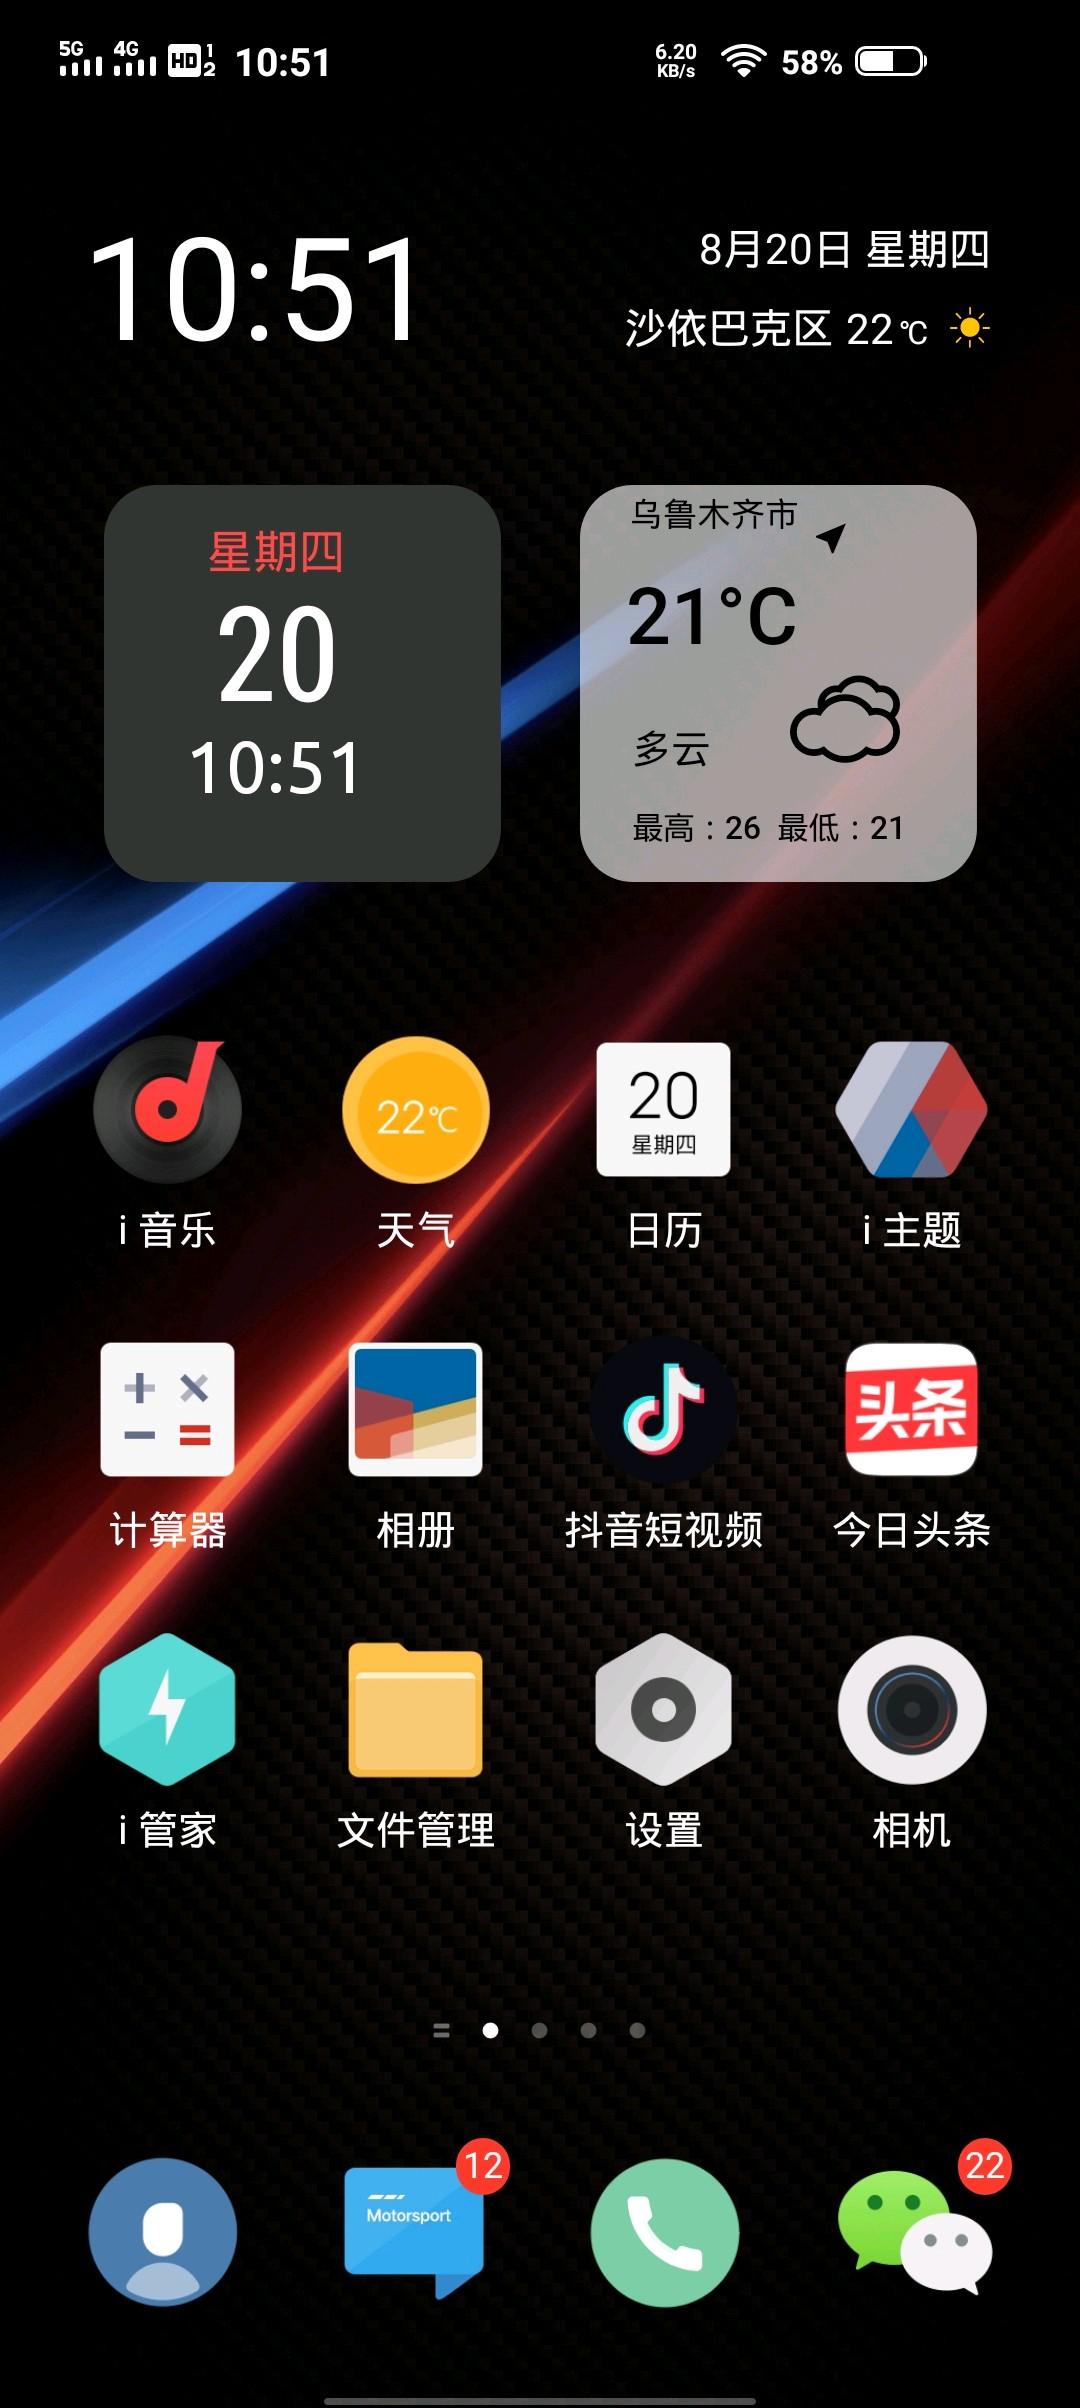 Screenshot_20200820_105151.jpg